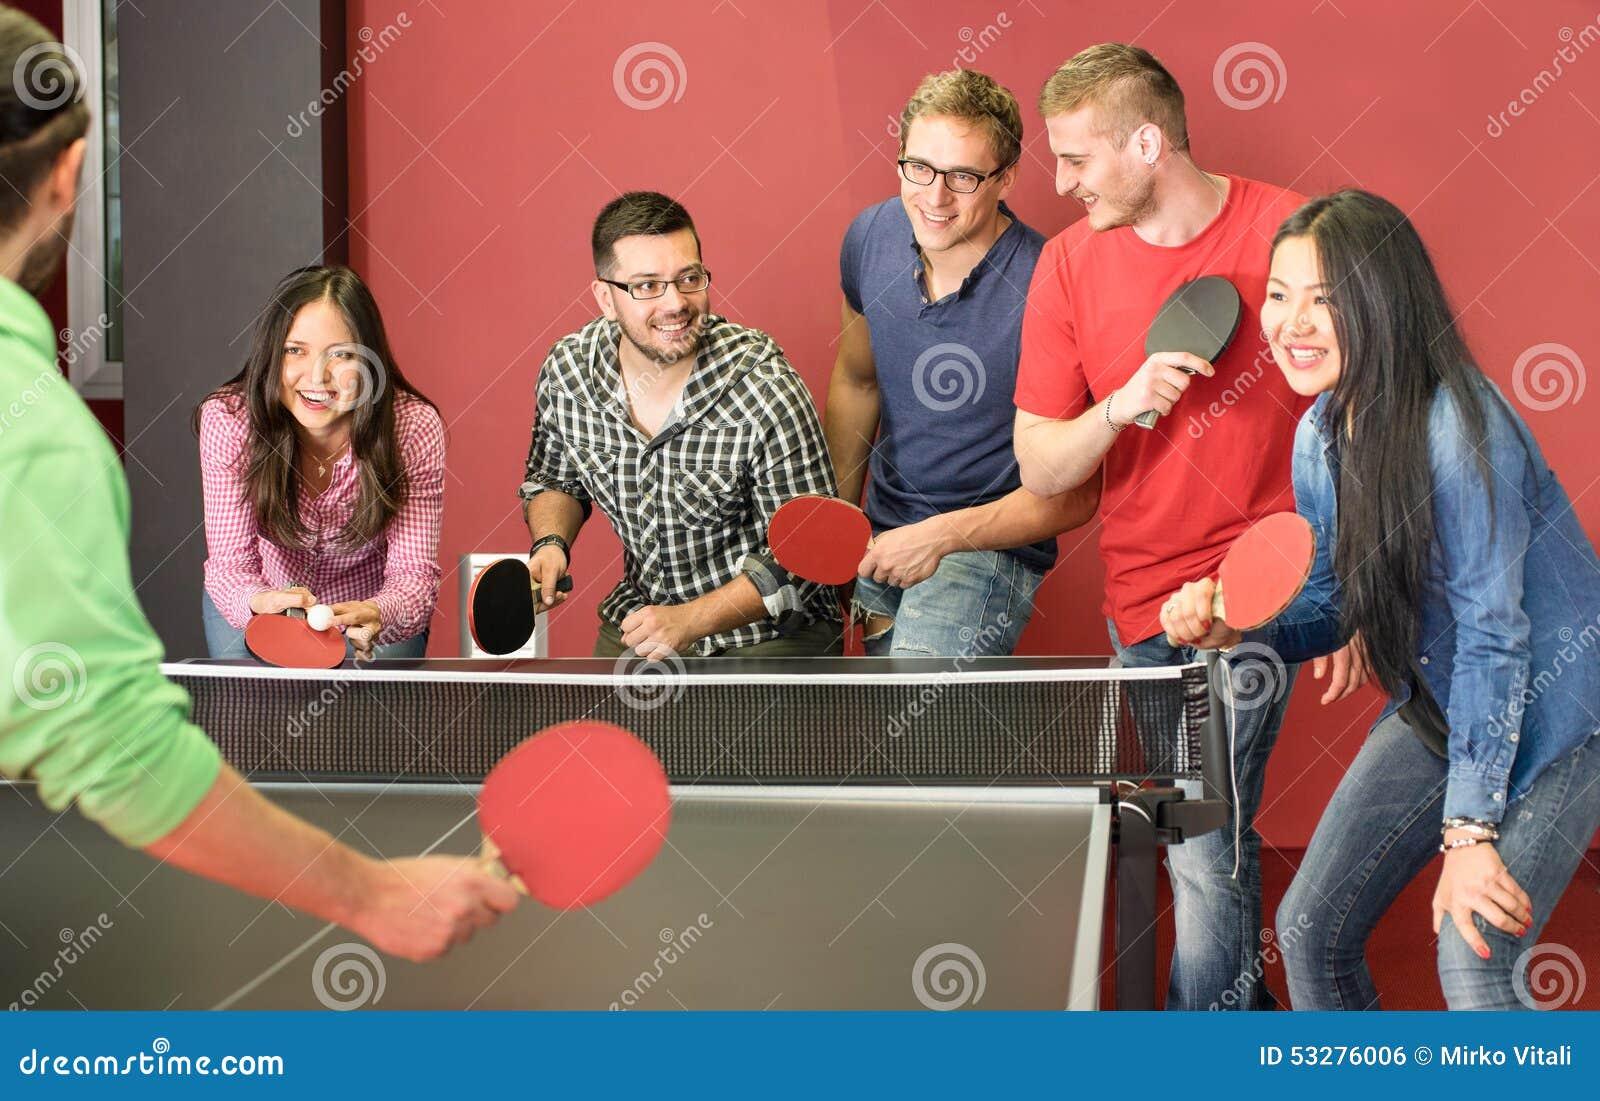 Gruppe glückliche junge Freunde, die Klingeln pong Tischtennis spielen